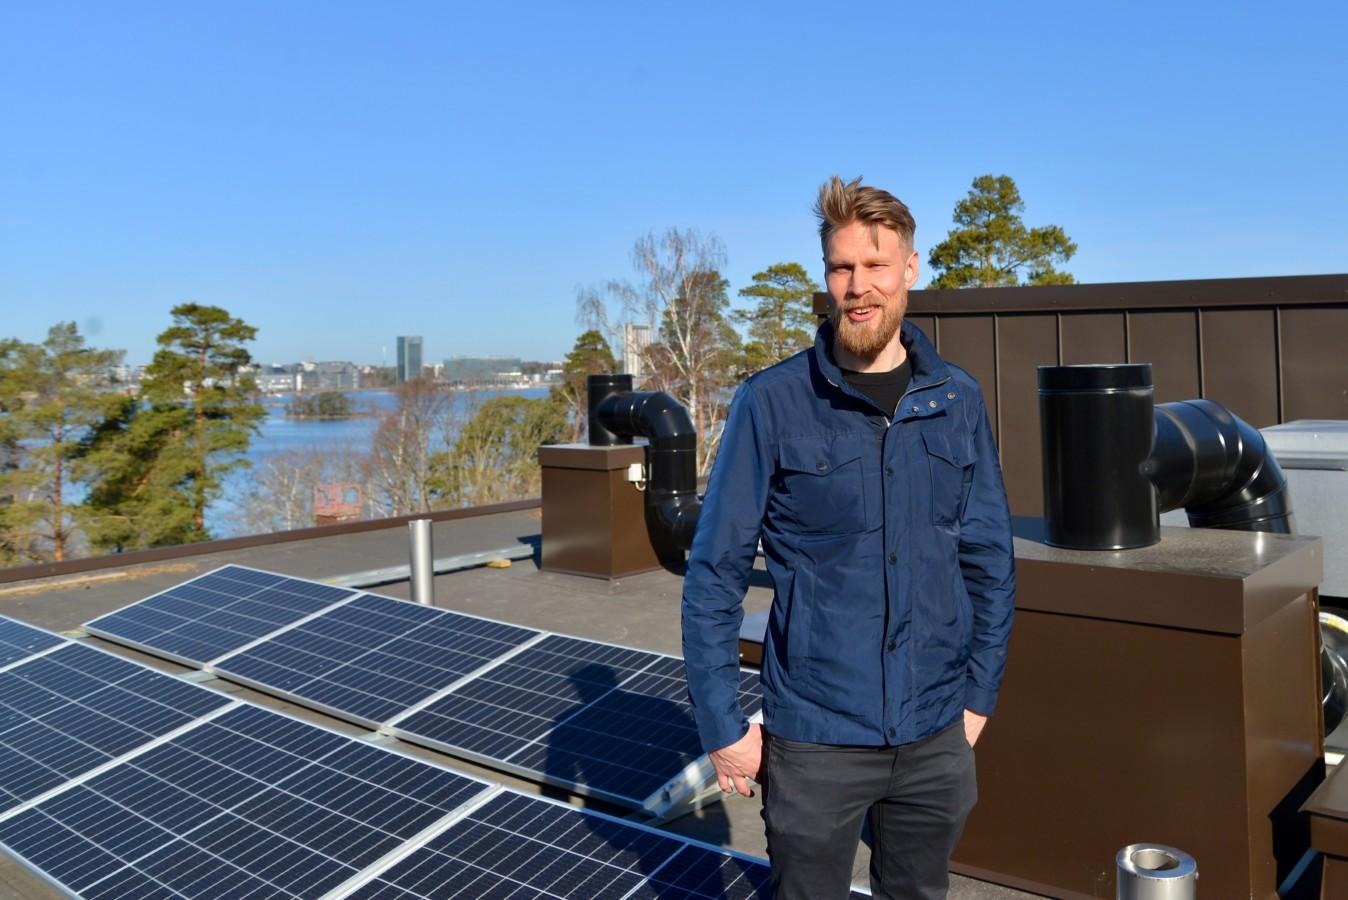 Katajaharjuntie 15:n hallituksen puheenjohtaja Vesa Tarvainen taloyhtiön katolla aurinkopaneeleiden edustalla.